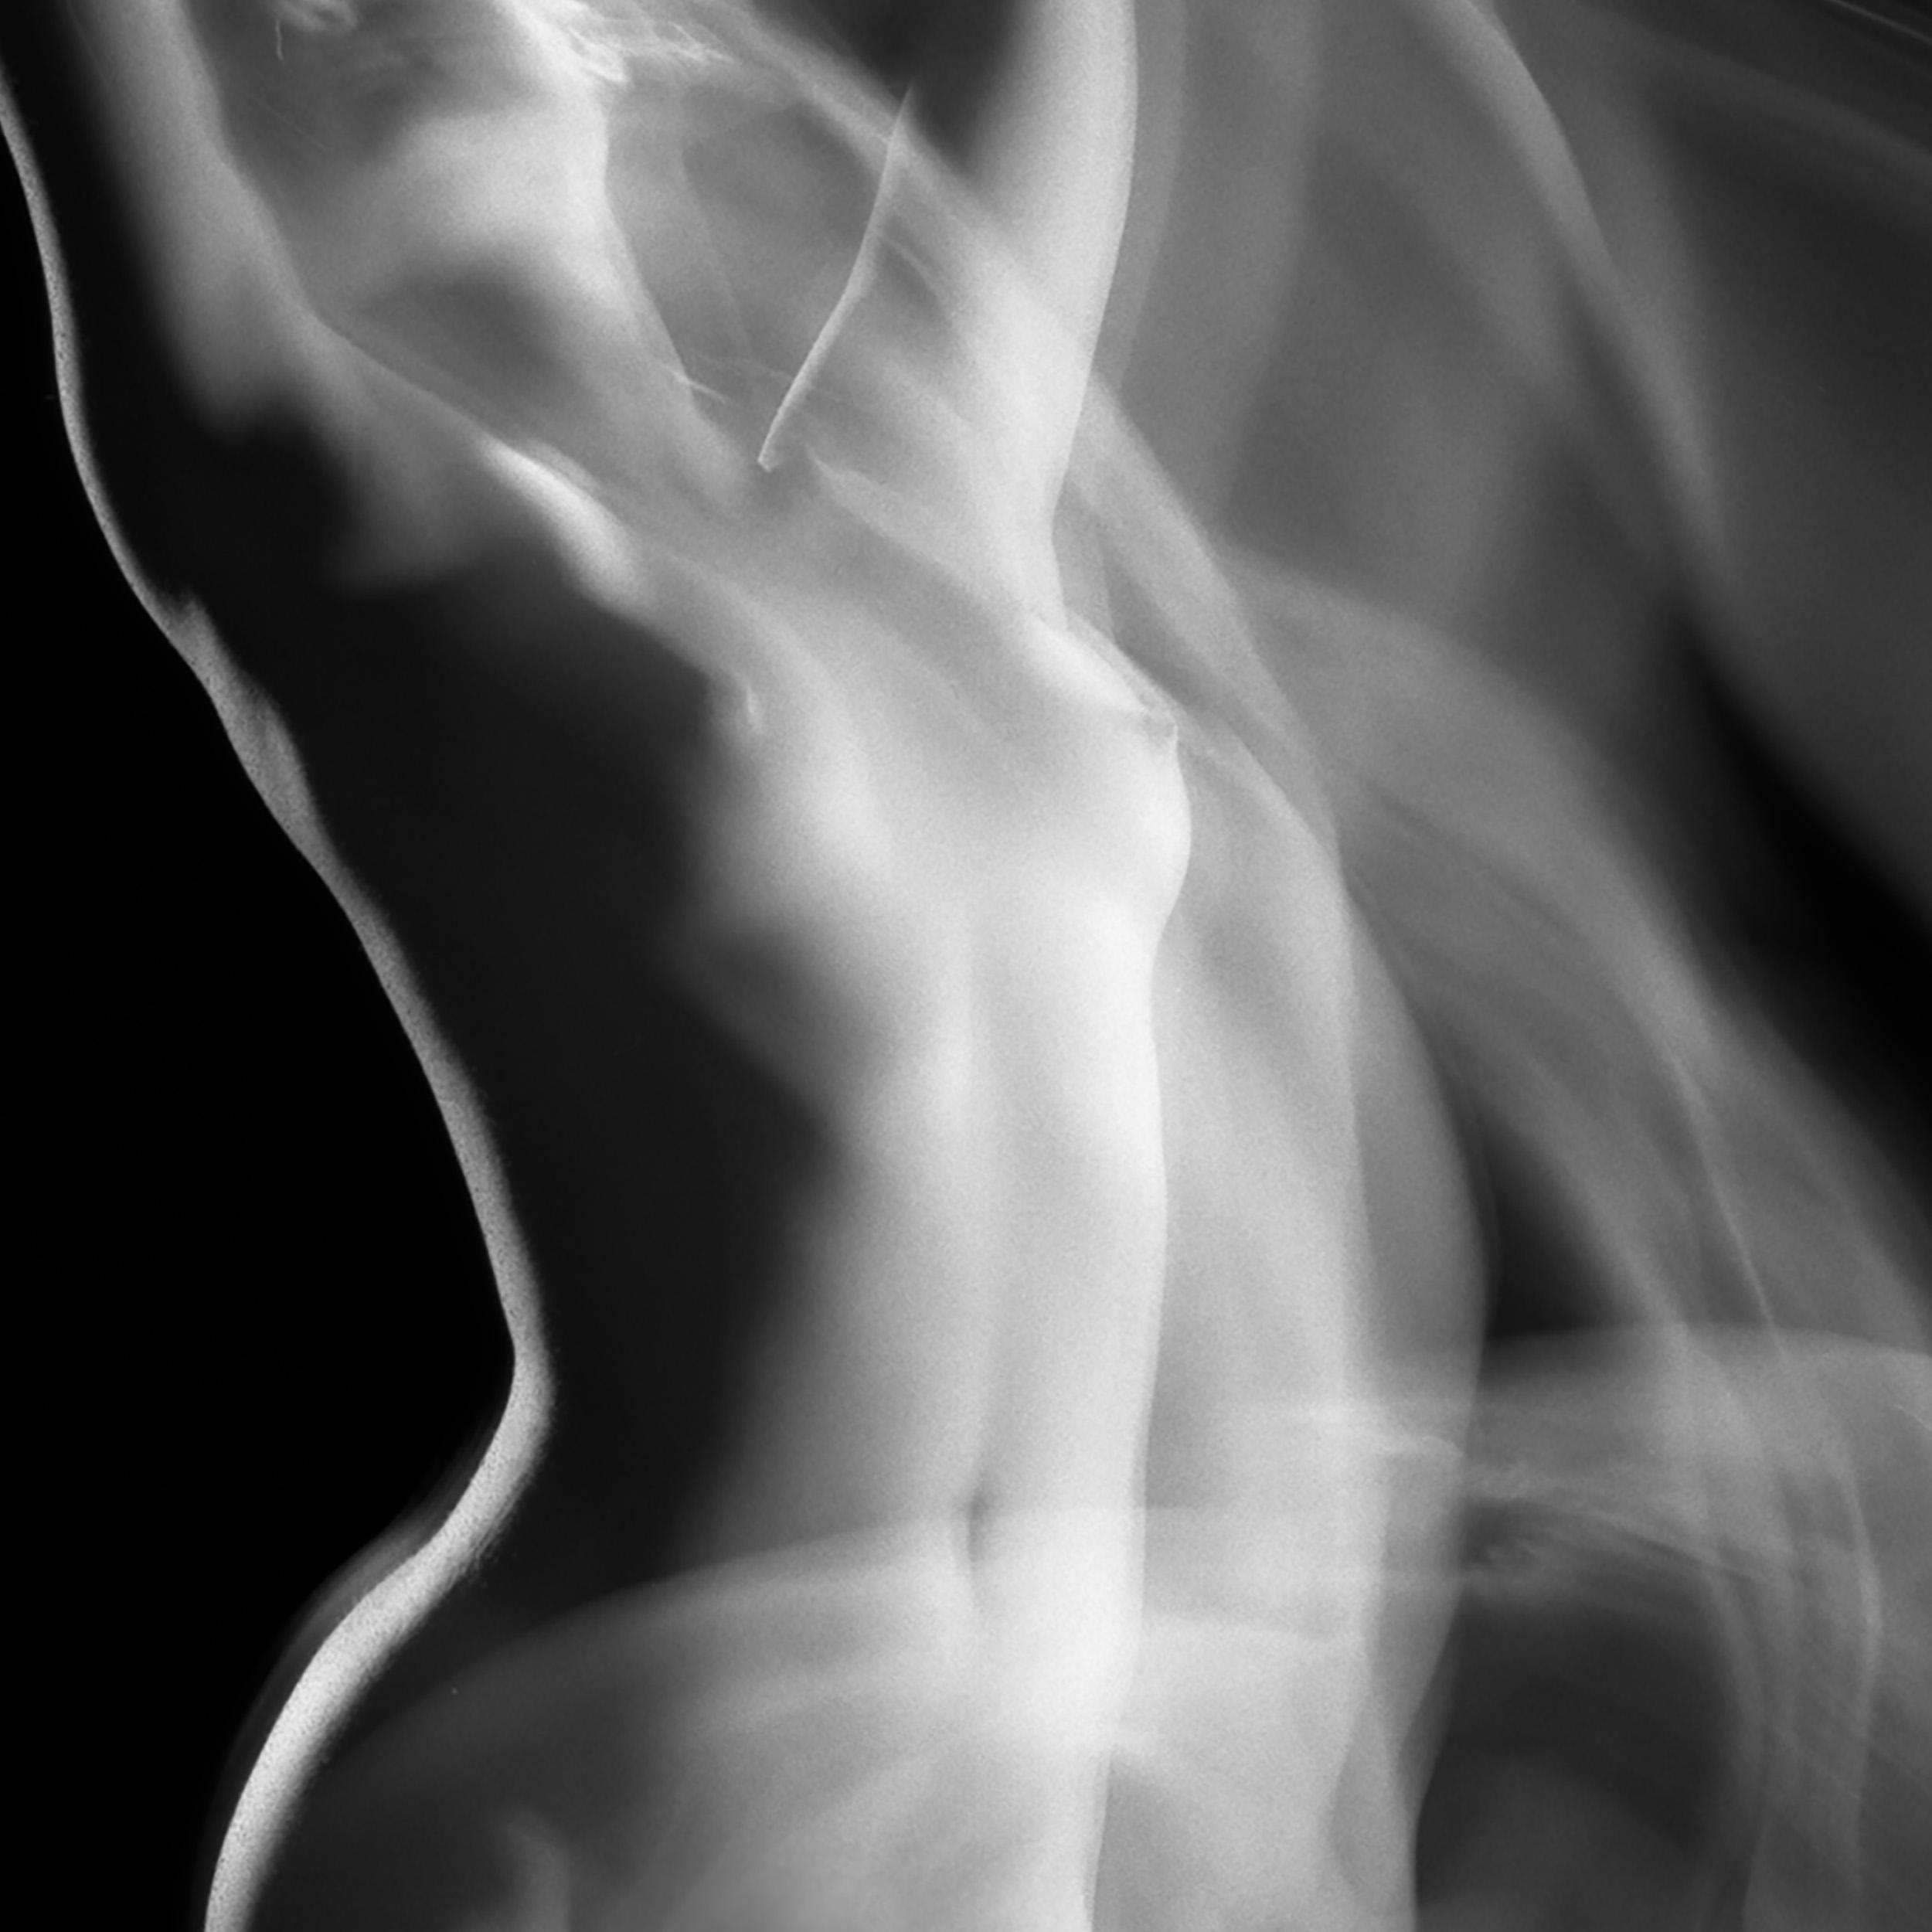 Nude study by Kimball Hall